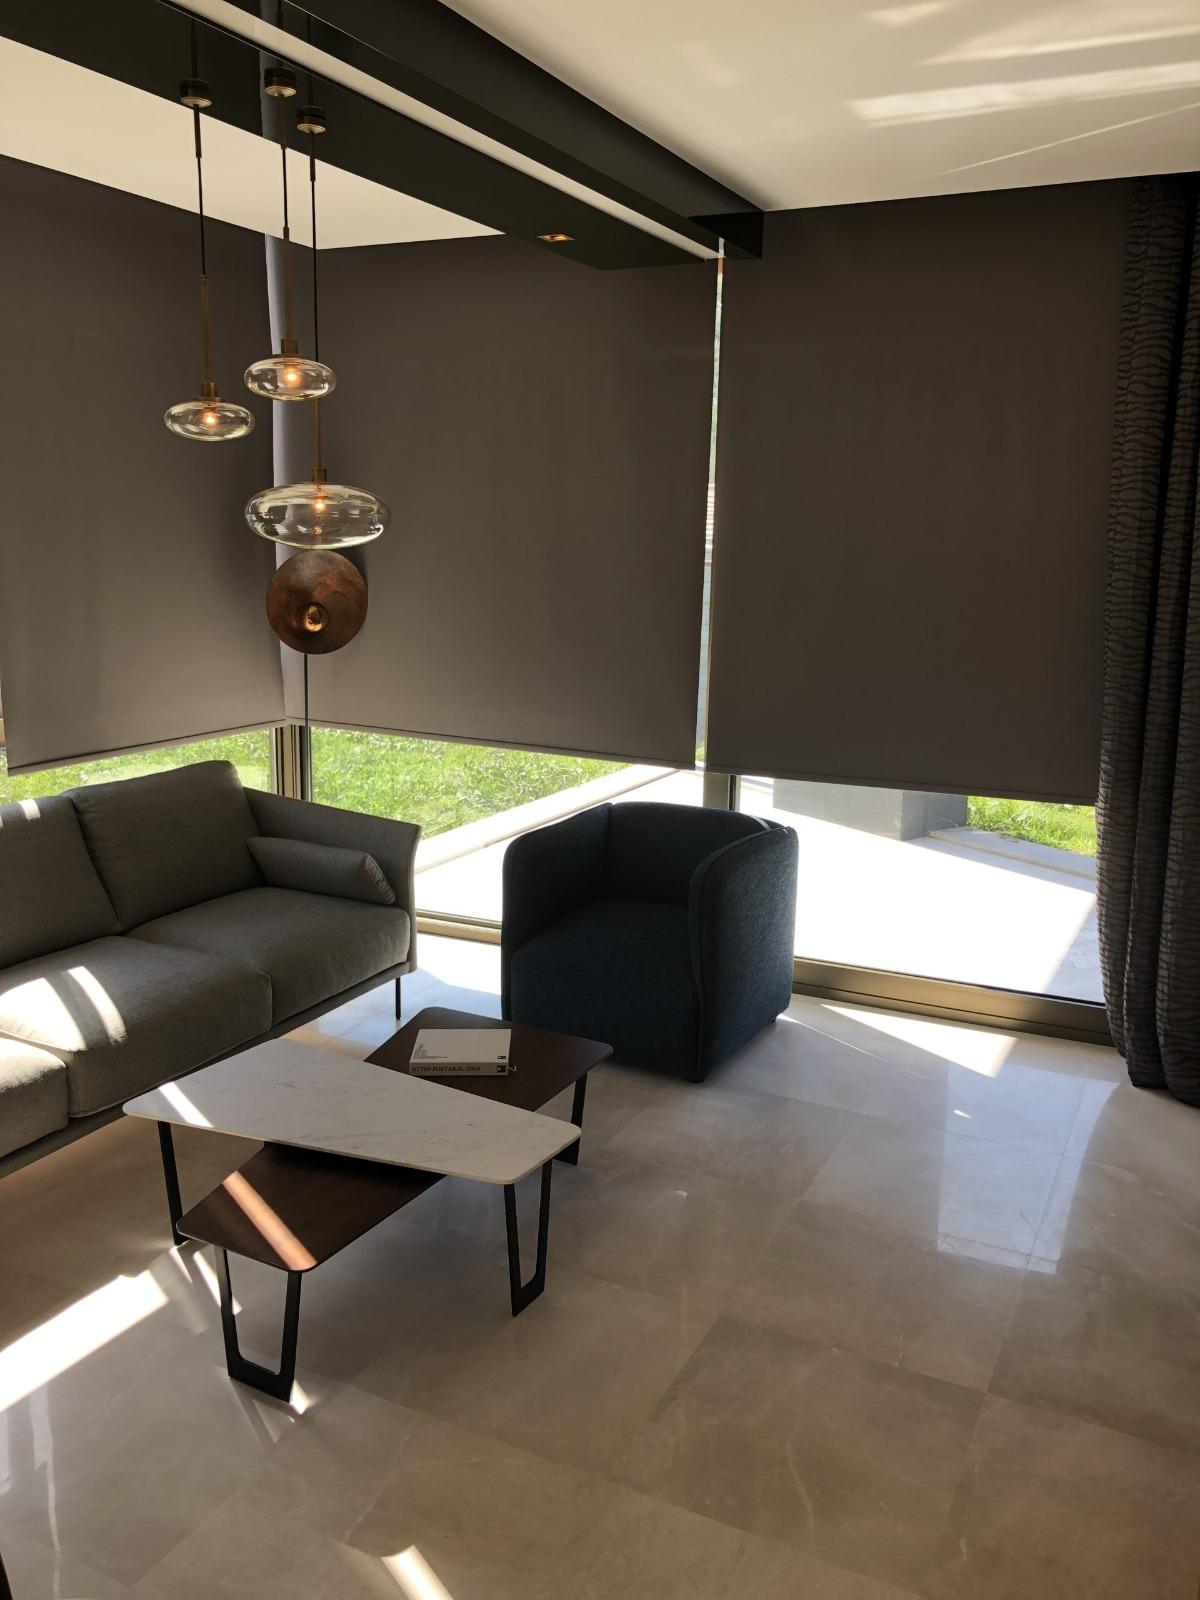 Резиденция класса люкс отельной концепции - Фото 28